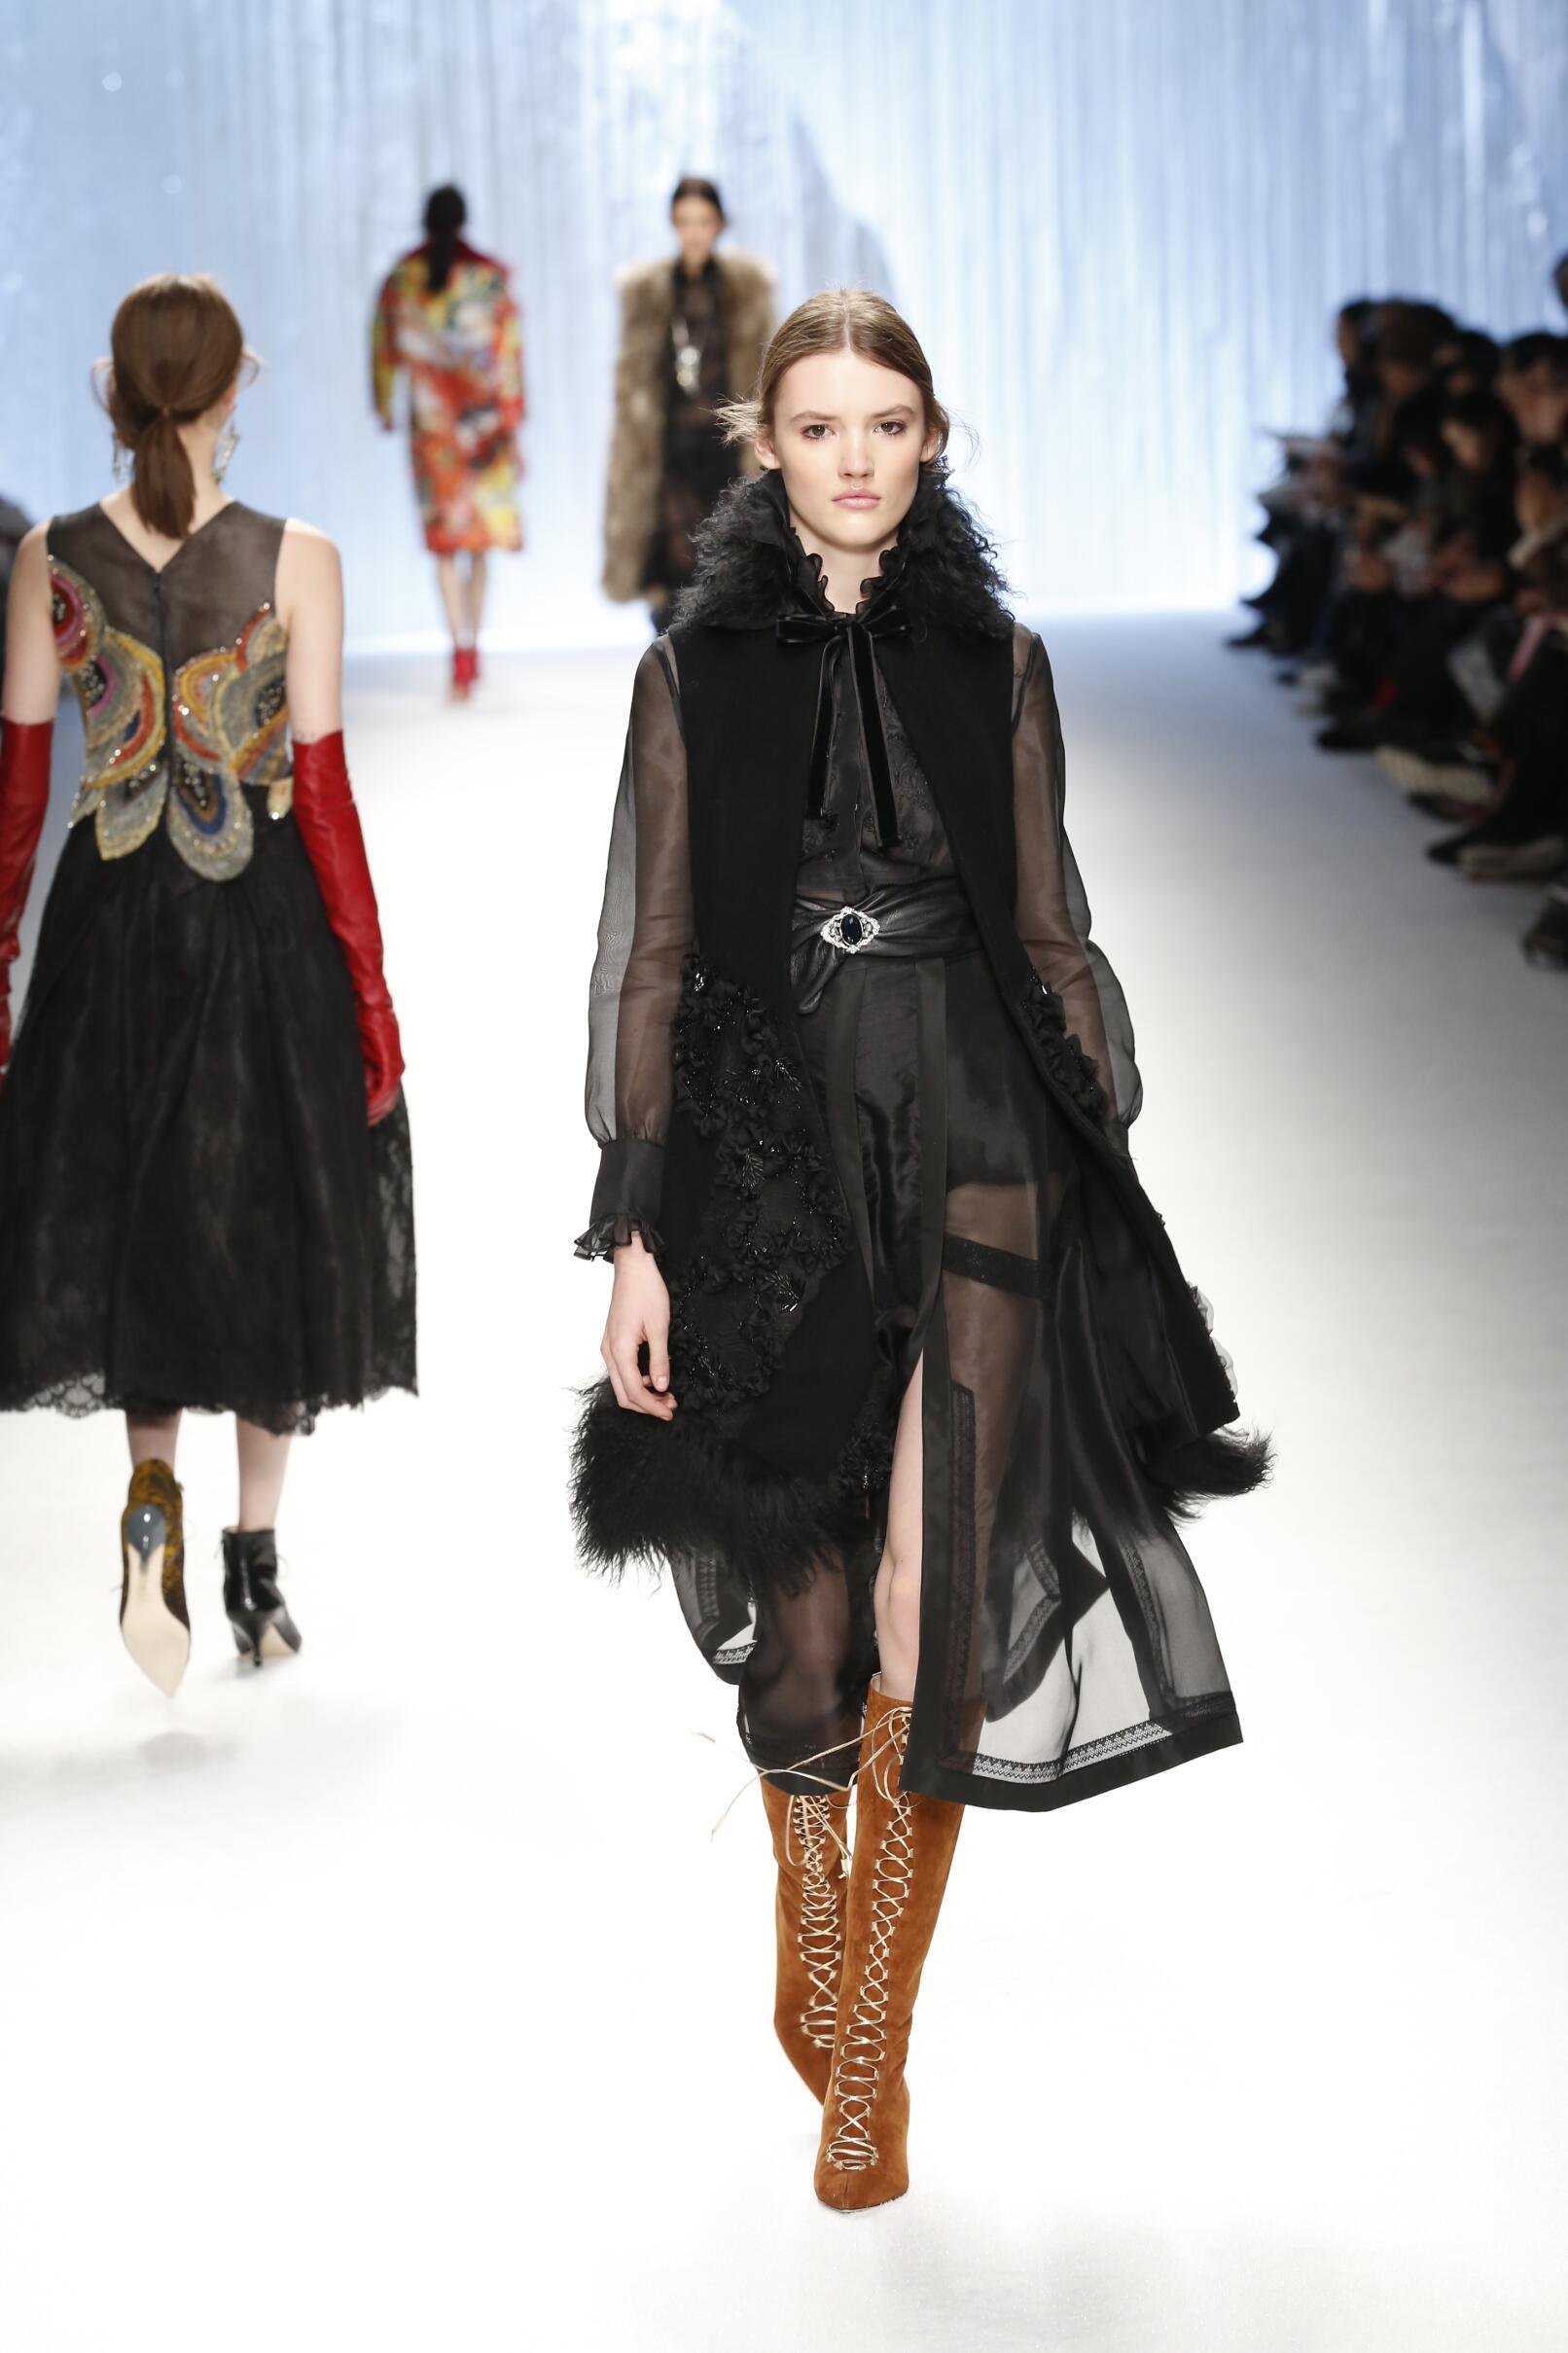 Winter Fashion Trends 2015 2016 Shiatzy Chen Collection